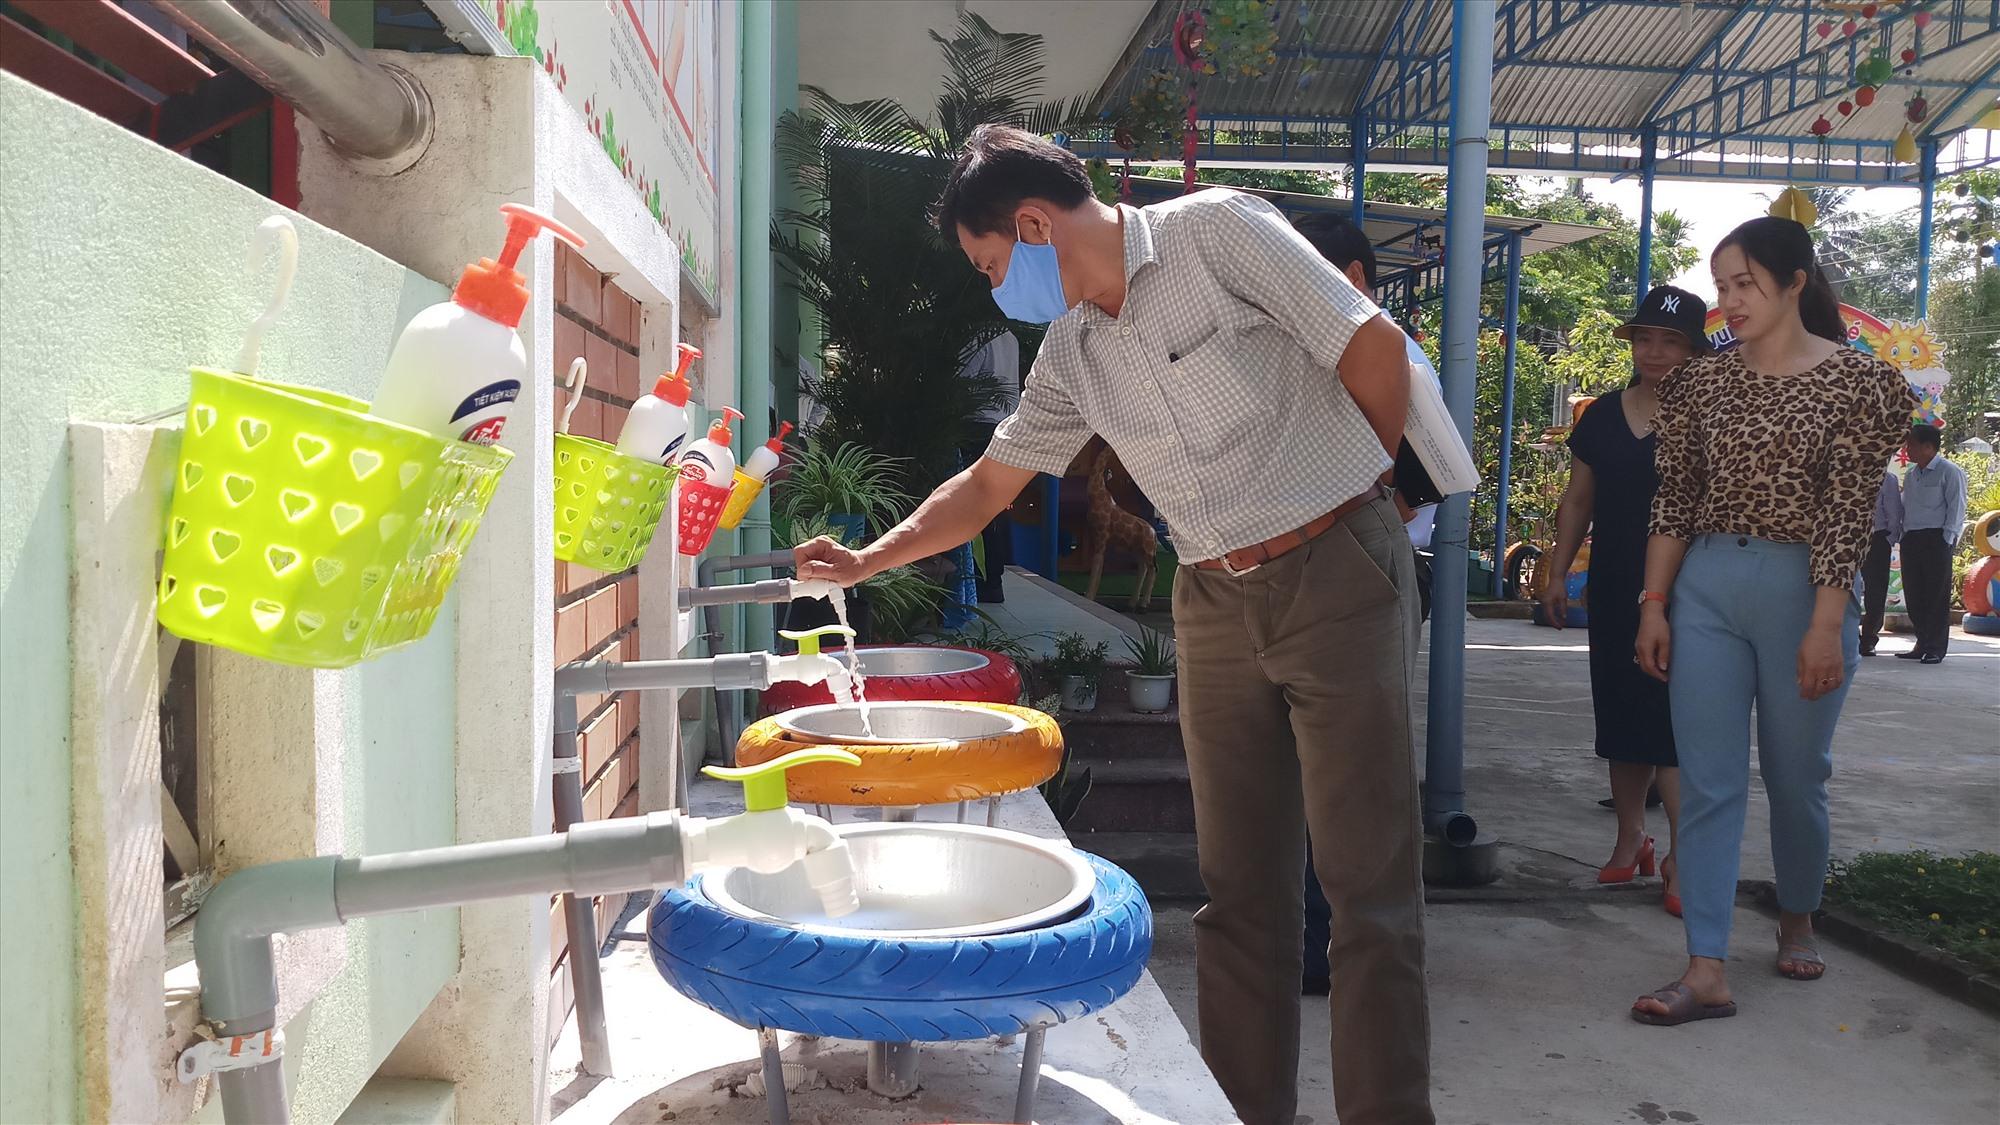 Nhiều điểm trường ở Bắc Trà My chuẩn bị đầy đủ hệ thống vòi xịt rửa tay và các dung dịch sát khuẩn cho học sinh. Ảnh: A.N